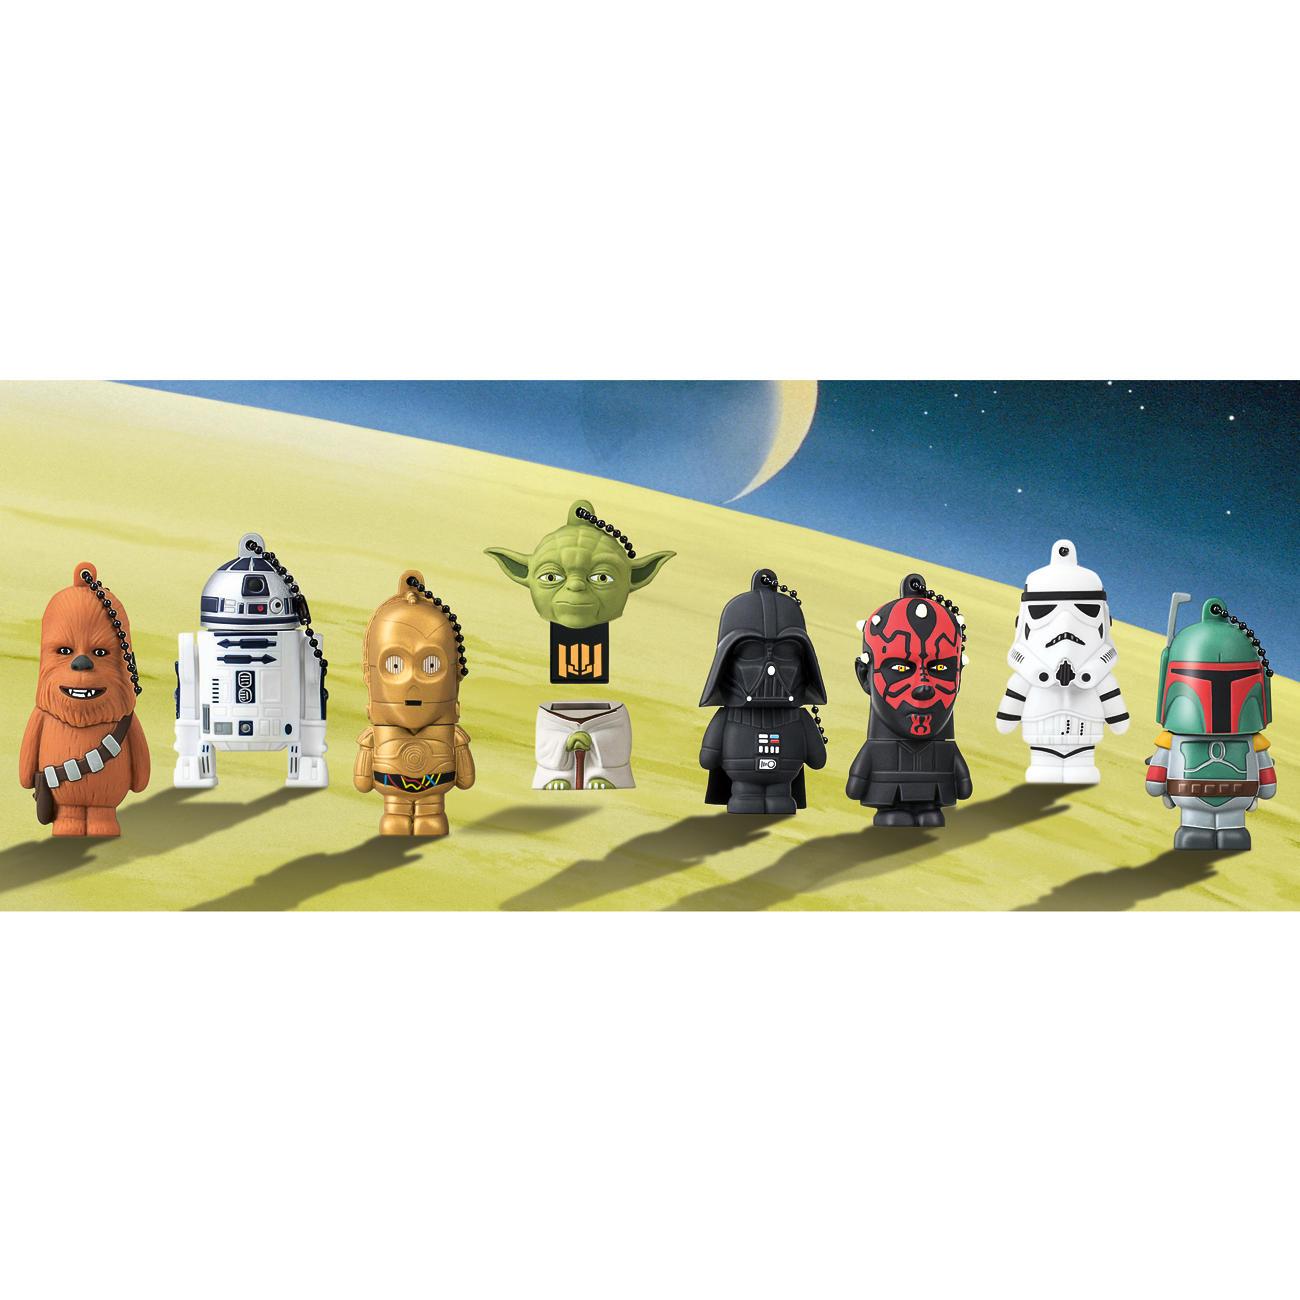 Star Wars USBStick, 8 GB  3 Jahre Garantie  ProIdee